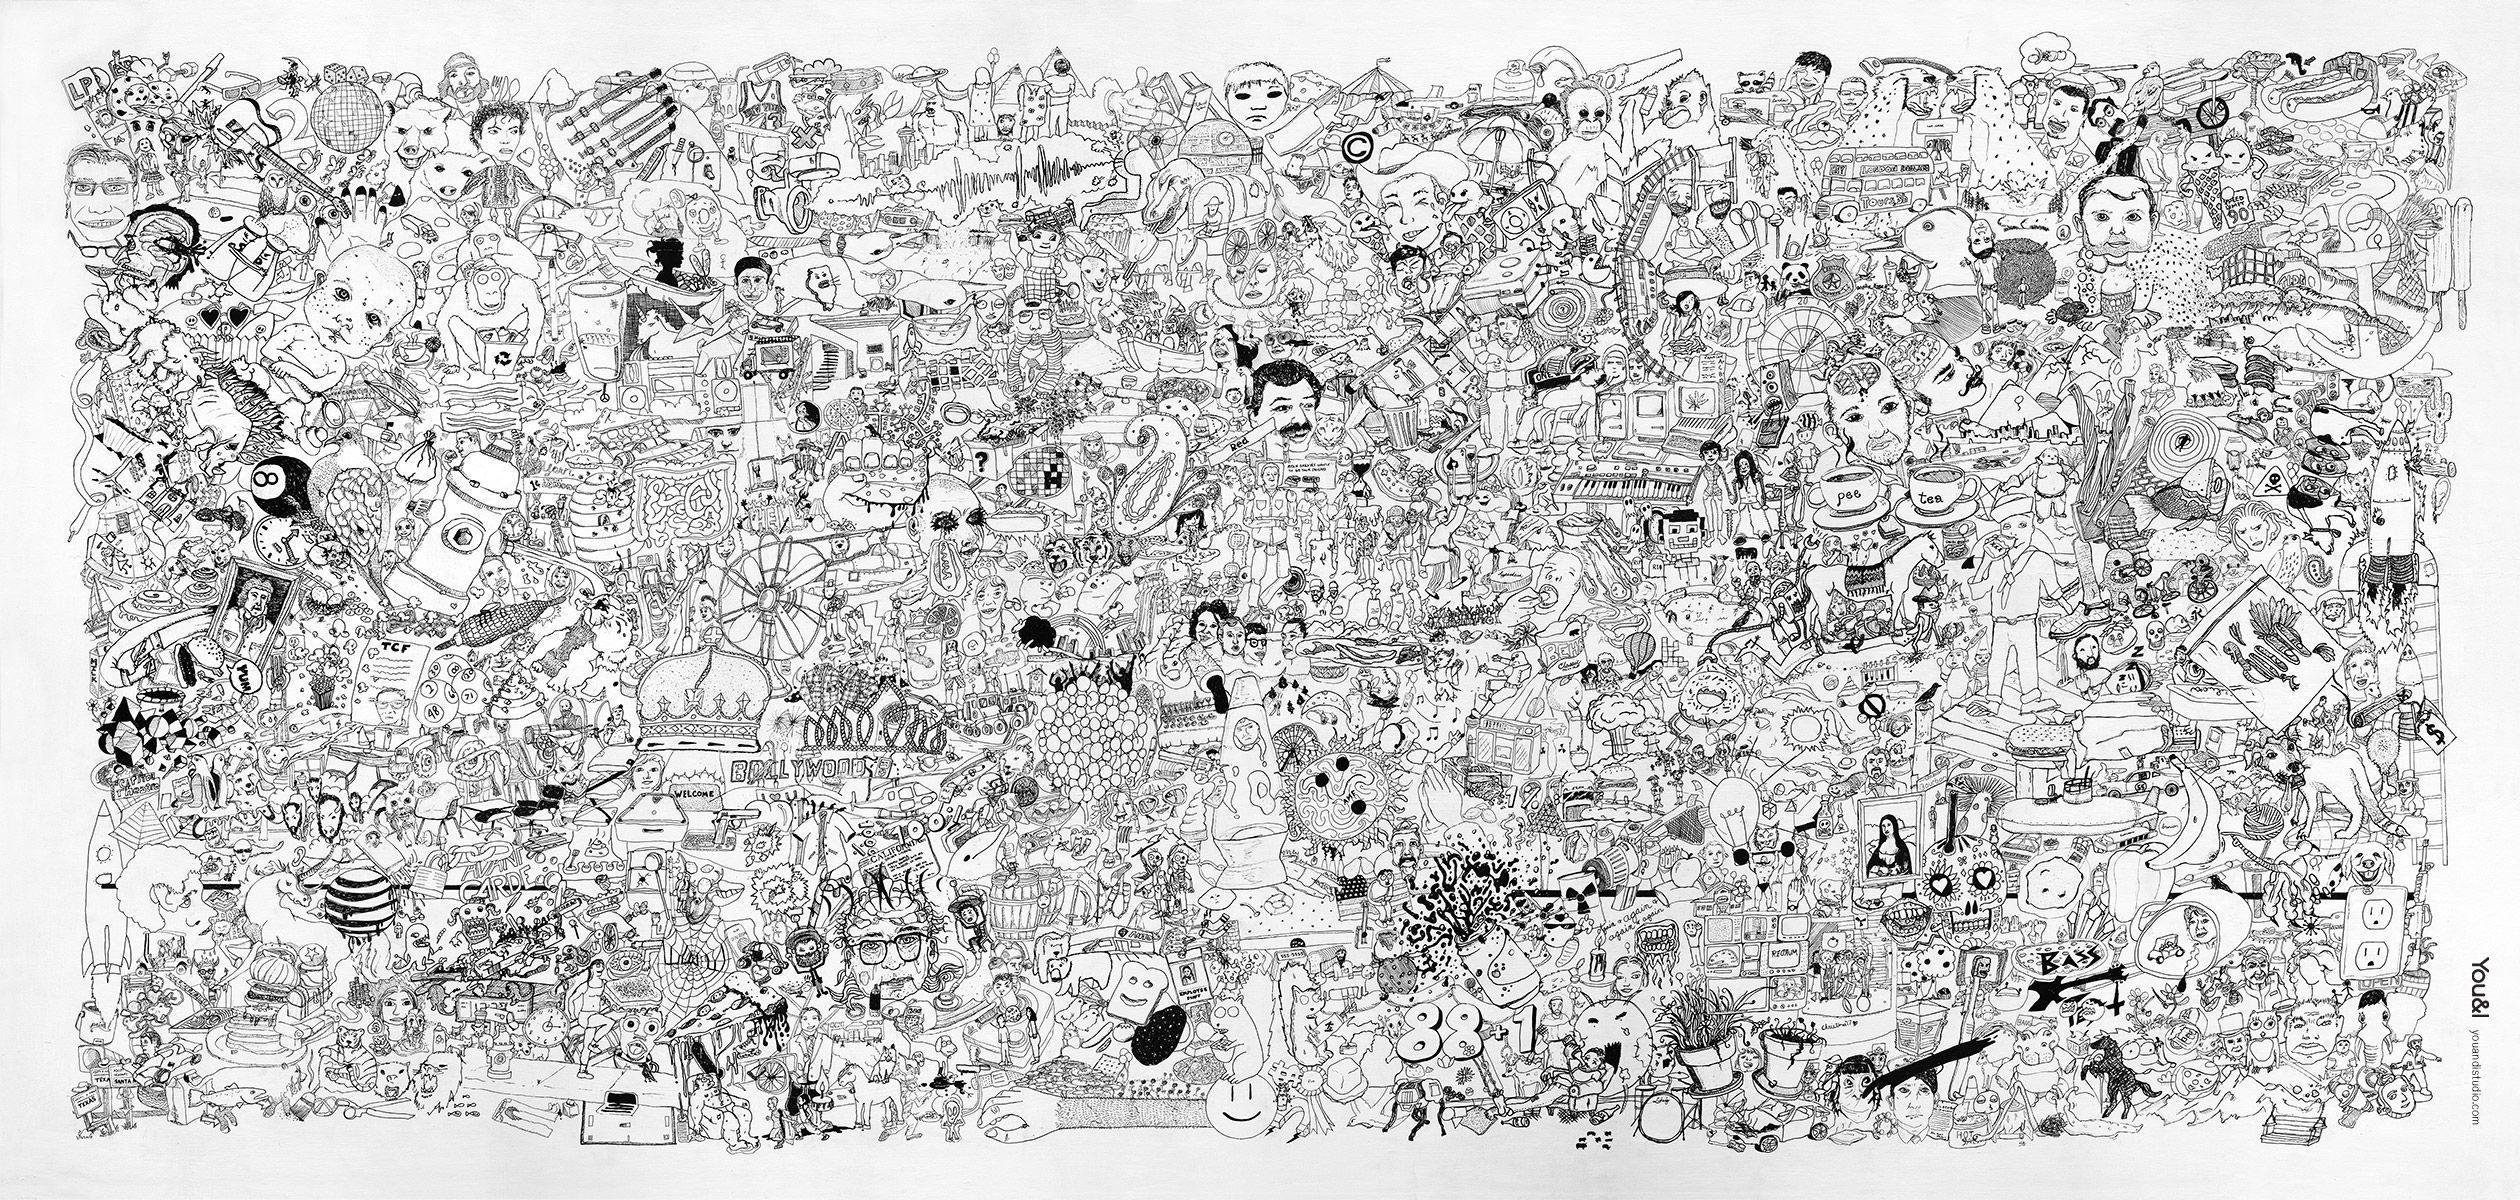 2520x1200 Vẽ hình nền